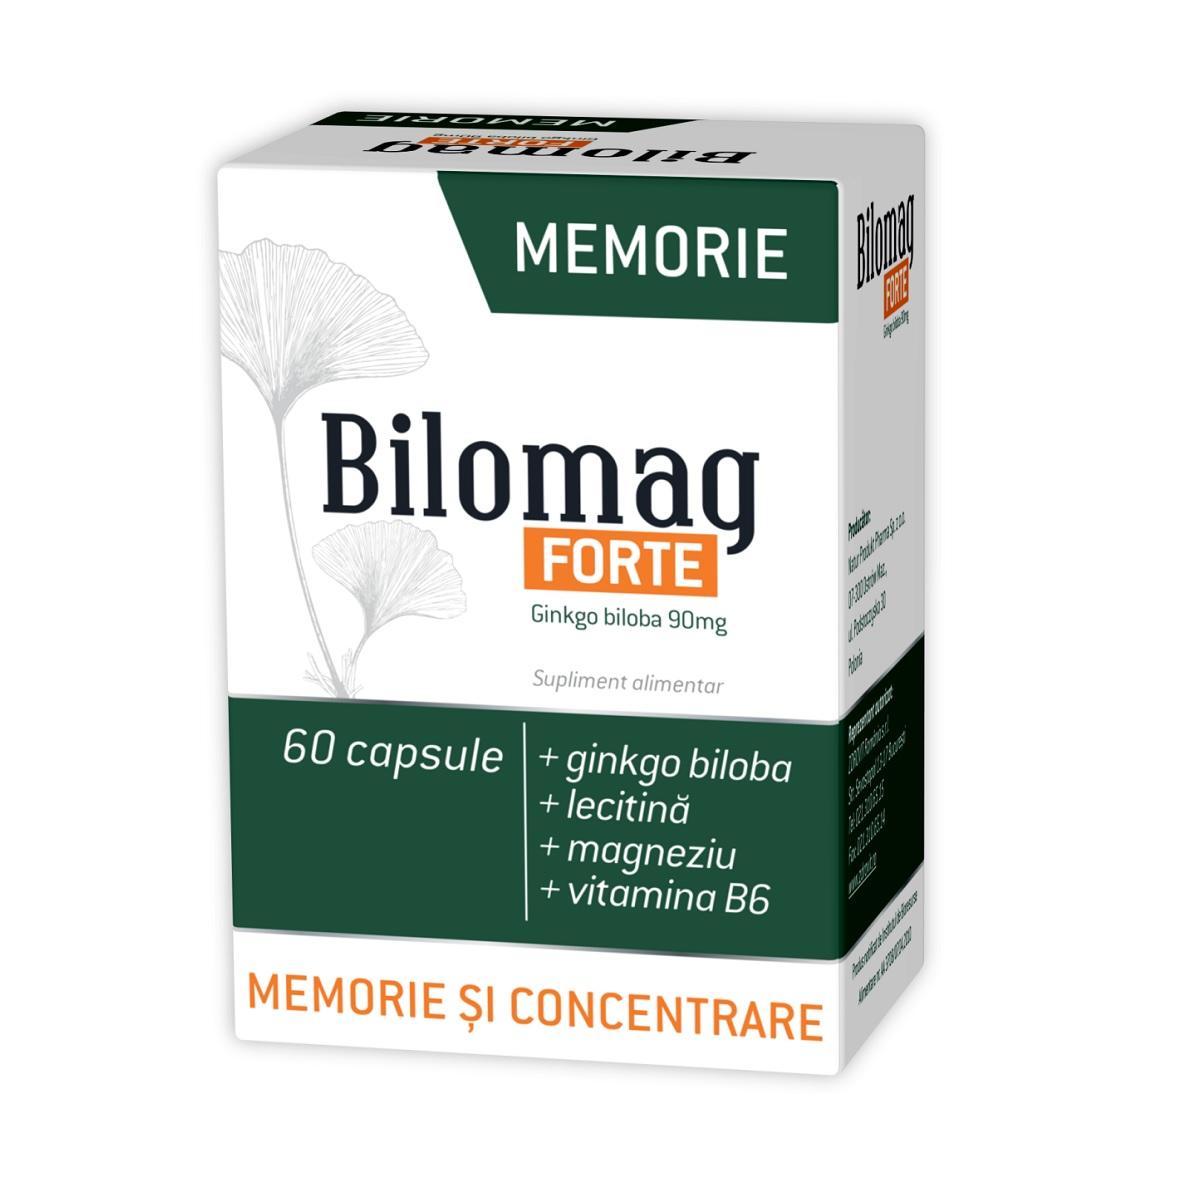 Bilomag forte memorie, 60 capsule, Zdrovit drmax poza